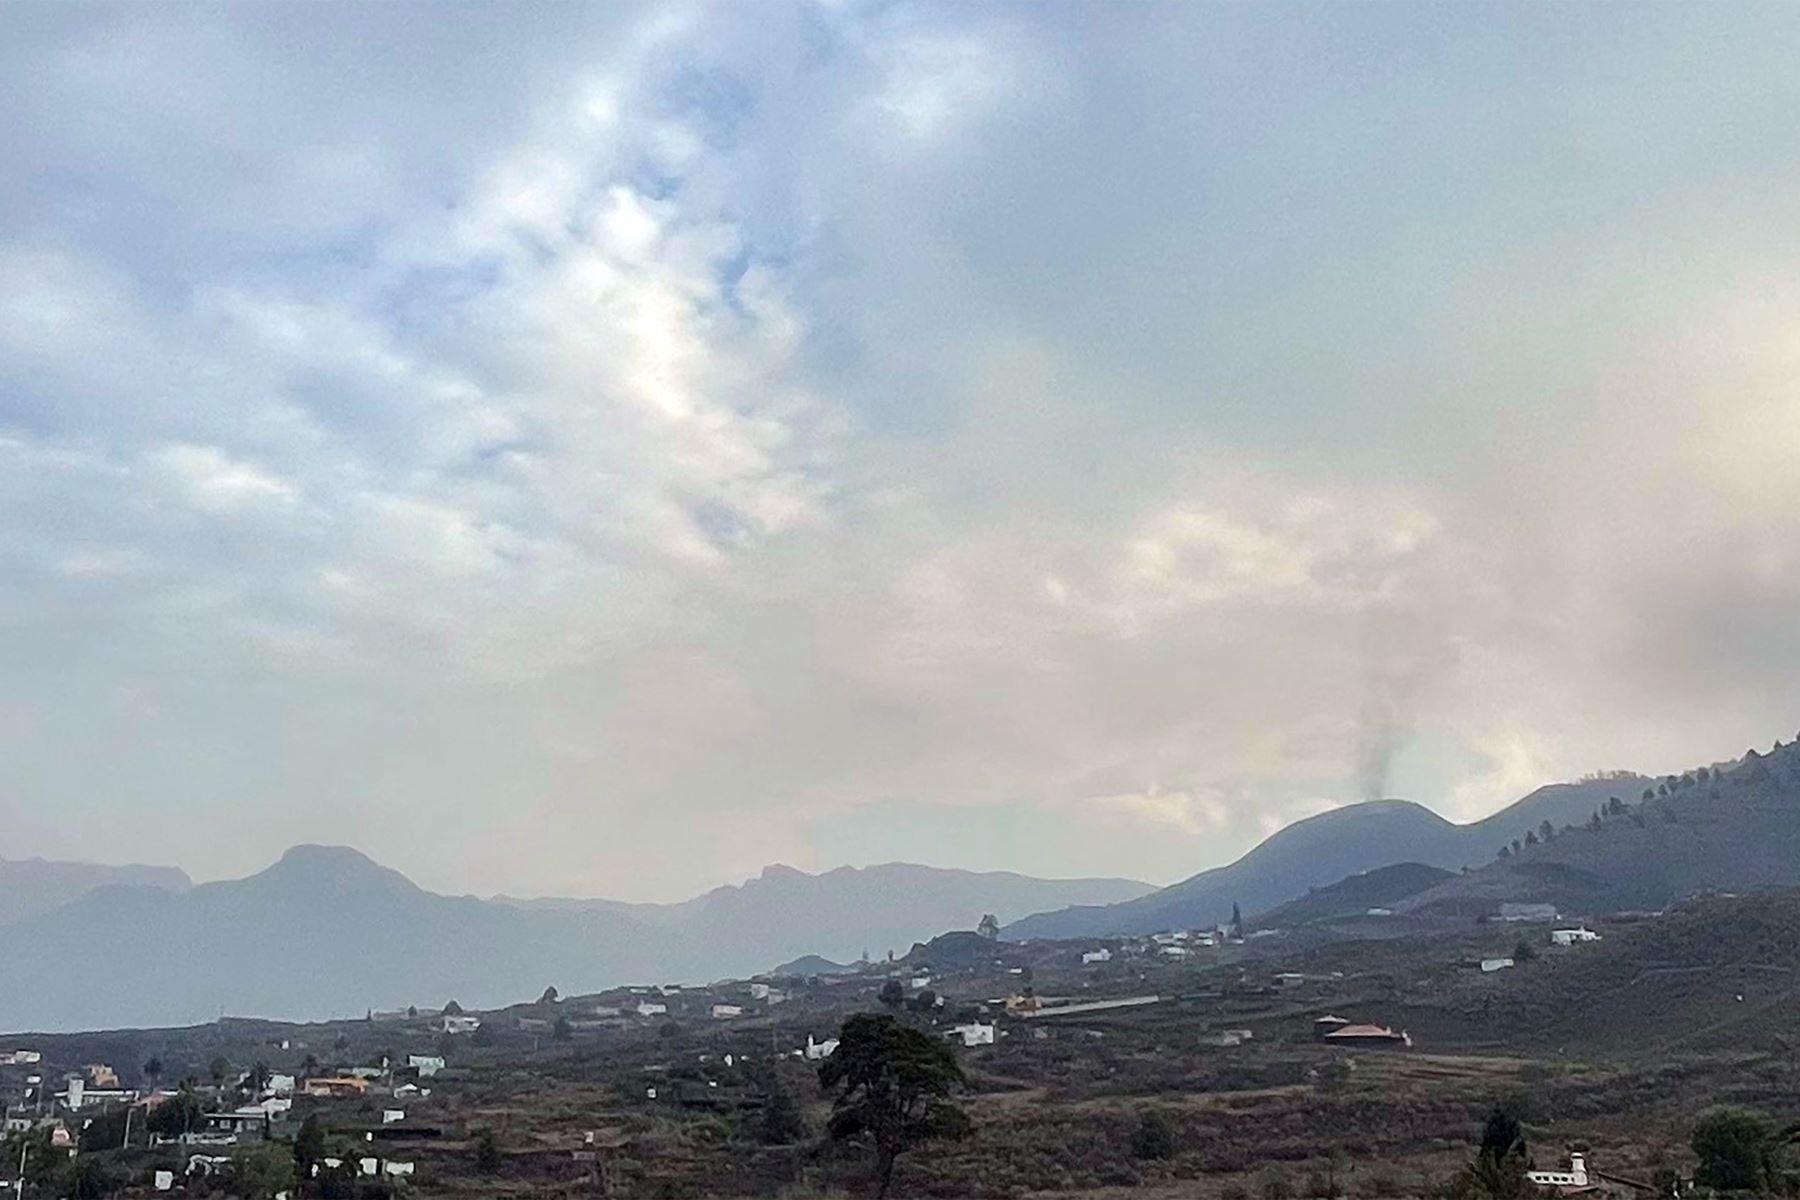 Un volcán de las Islas Canarias que ha estado en erupción durante más de una semana se quedó en silencio durante algunas horas mientras los residentes de la costa estaban confinados por el miedo a los gases tóxicos. Foto: AFP